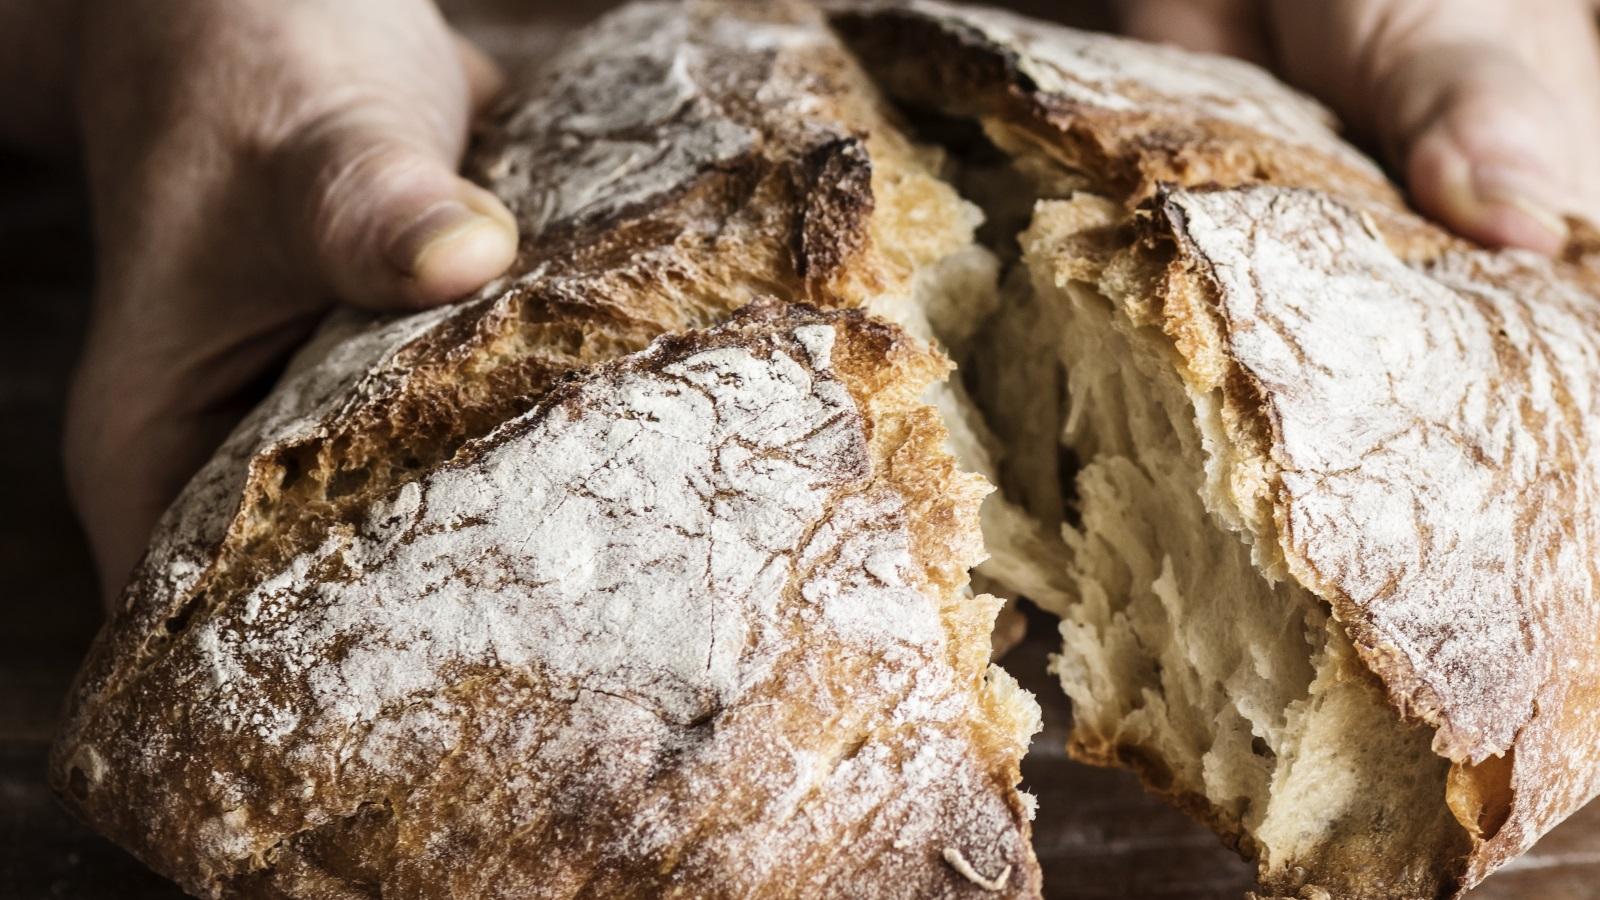 <p>Хлябът трябва да се съхранява на сухо и хладно място, както и да няма контакт със слънчевата светлина. Добре е да се използва кутия за хляб. Освен това изключително добра идея е да държите хляба в оригиналната му опаковка, особено ако е хартиена.</p>